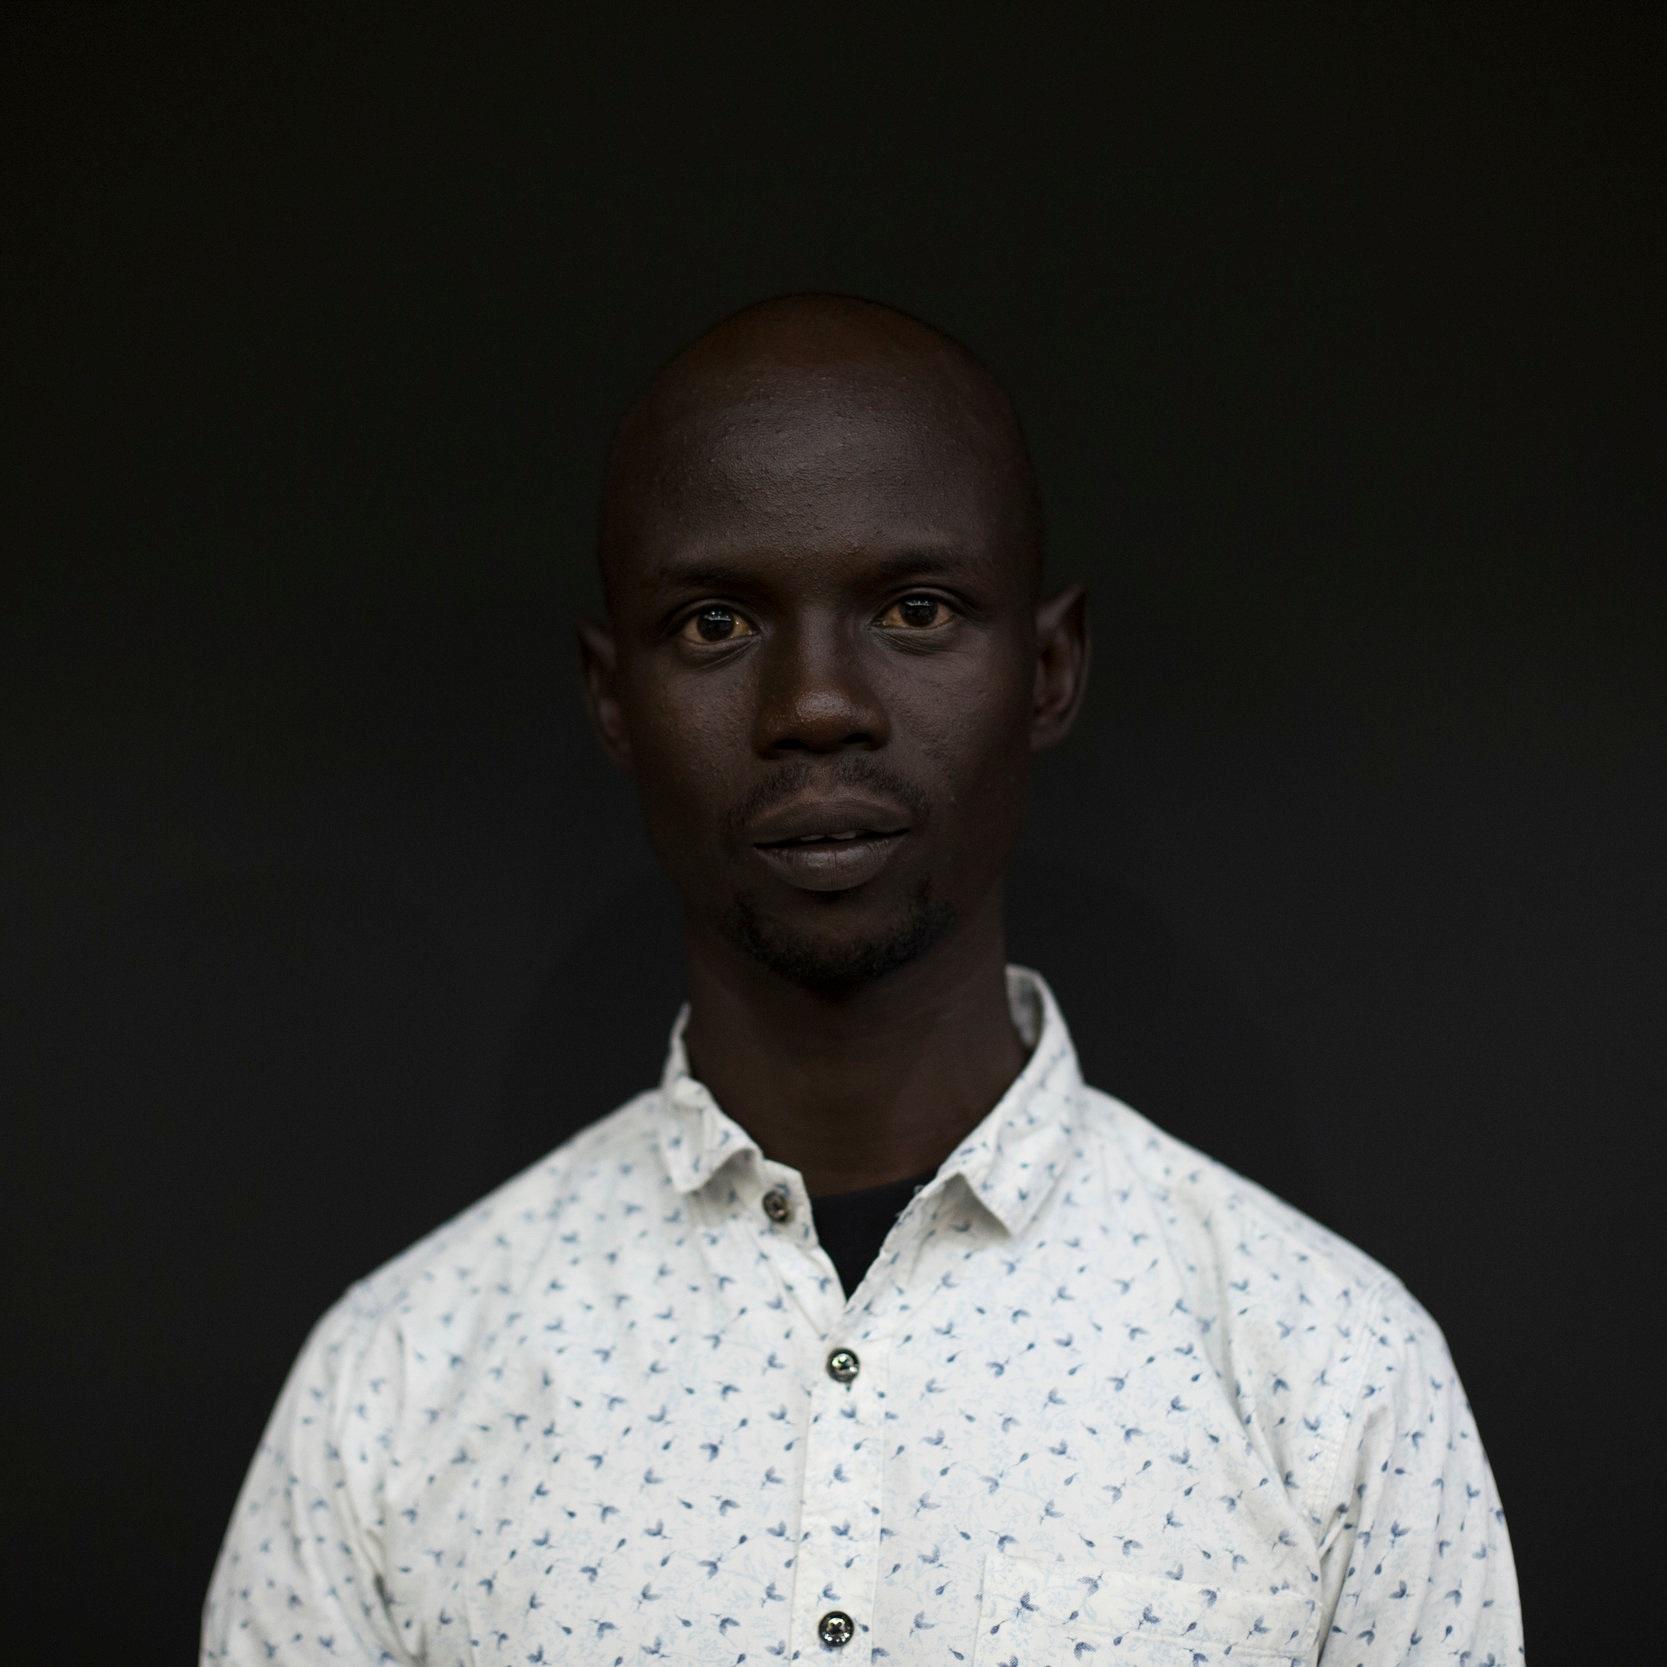 BULLEN CHOL MAYAK Juba, South Sudan @EverydayAfrica  bullenchol.com   @bullen_chol